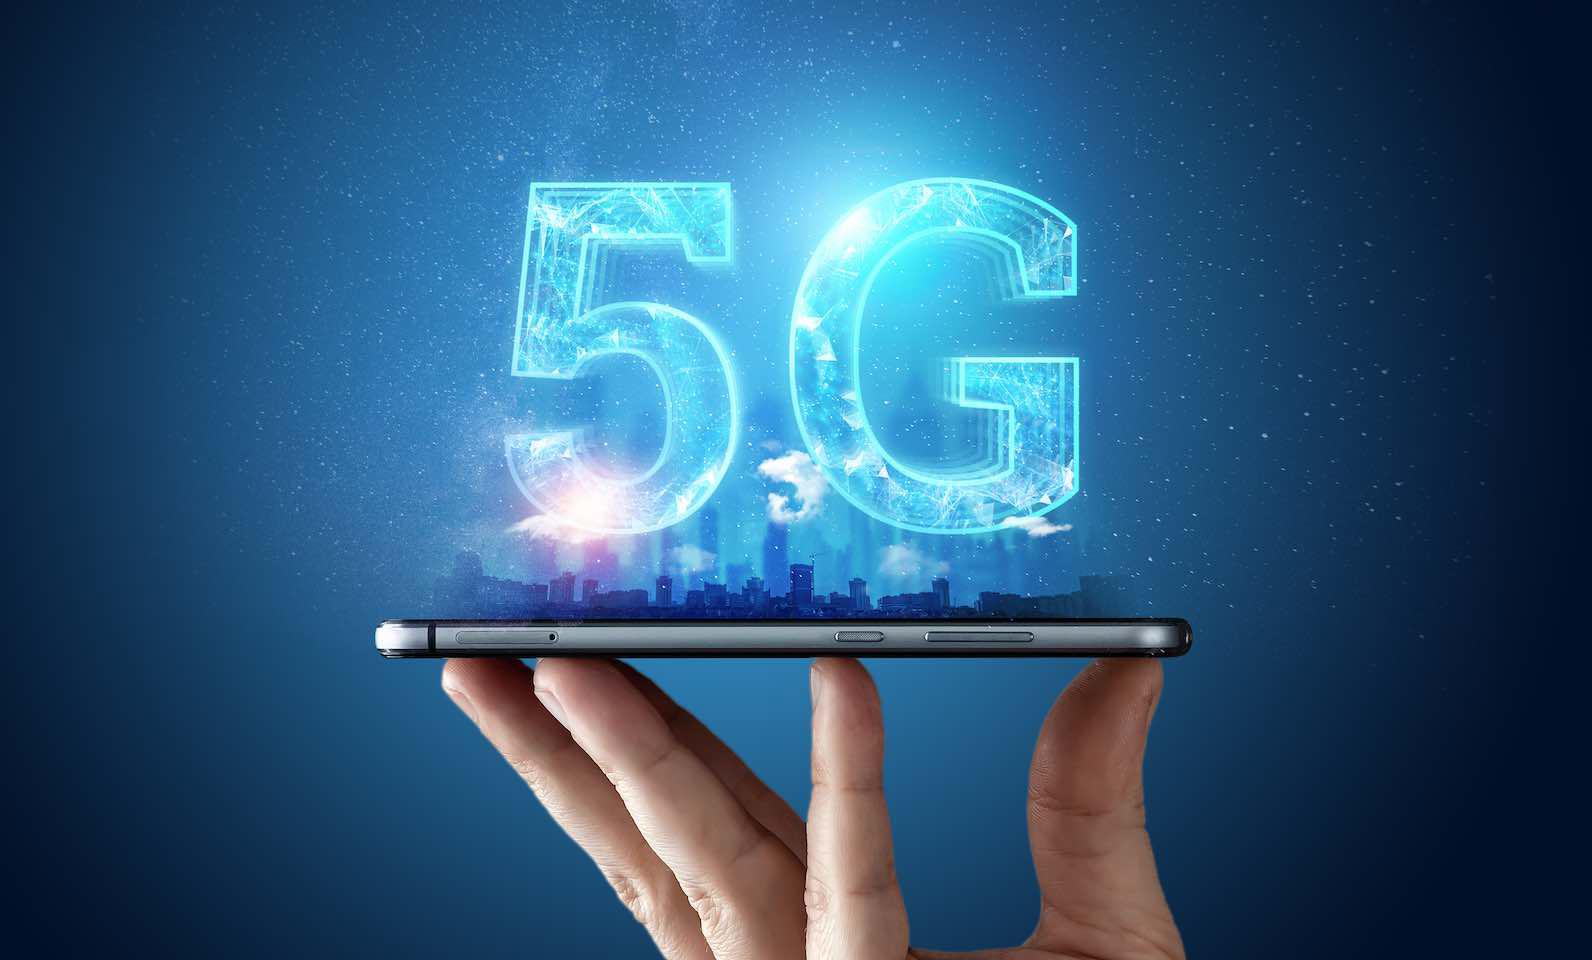 5G Hadir di Batam, Ini Daftar Ponsel yang Sudah Bisa Pakai Jaringannya